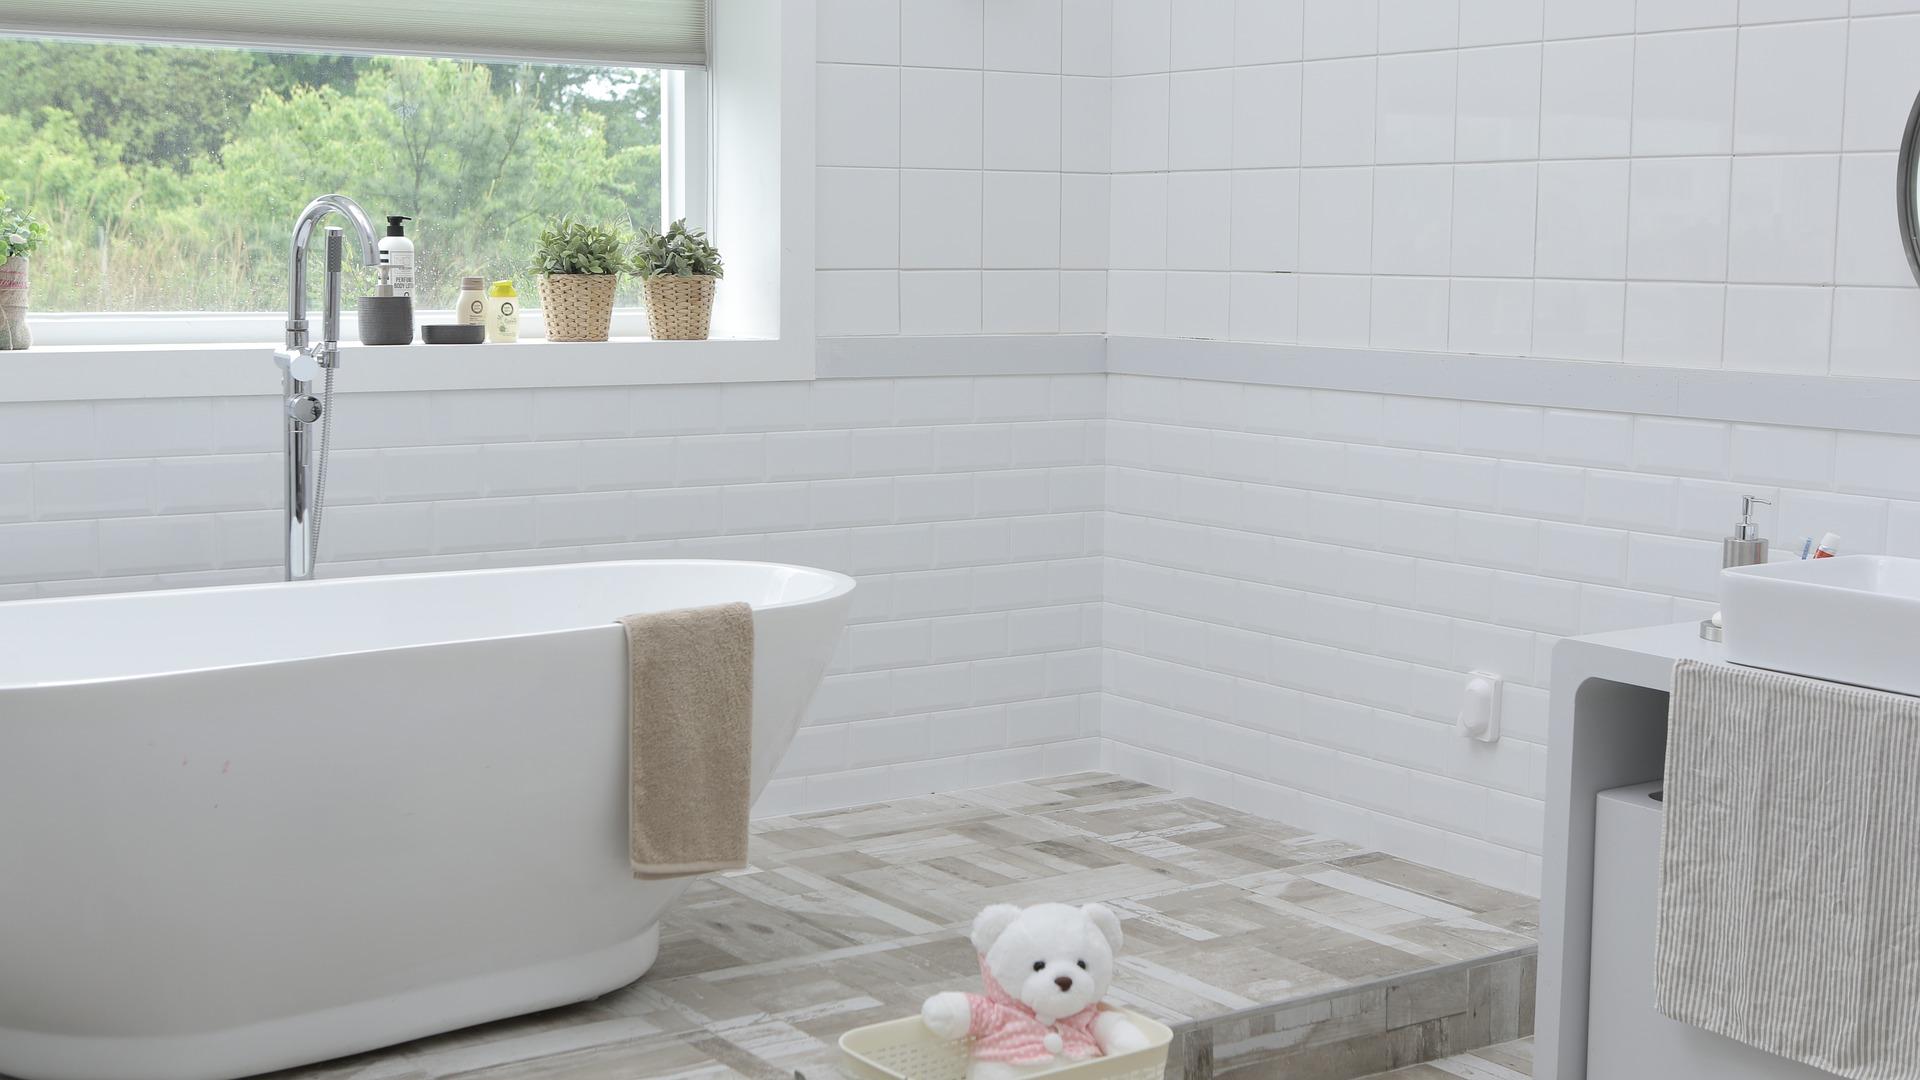 Rekonstrukci koupelny nepodceňujte